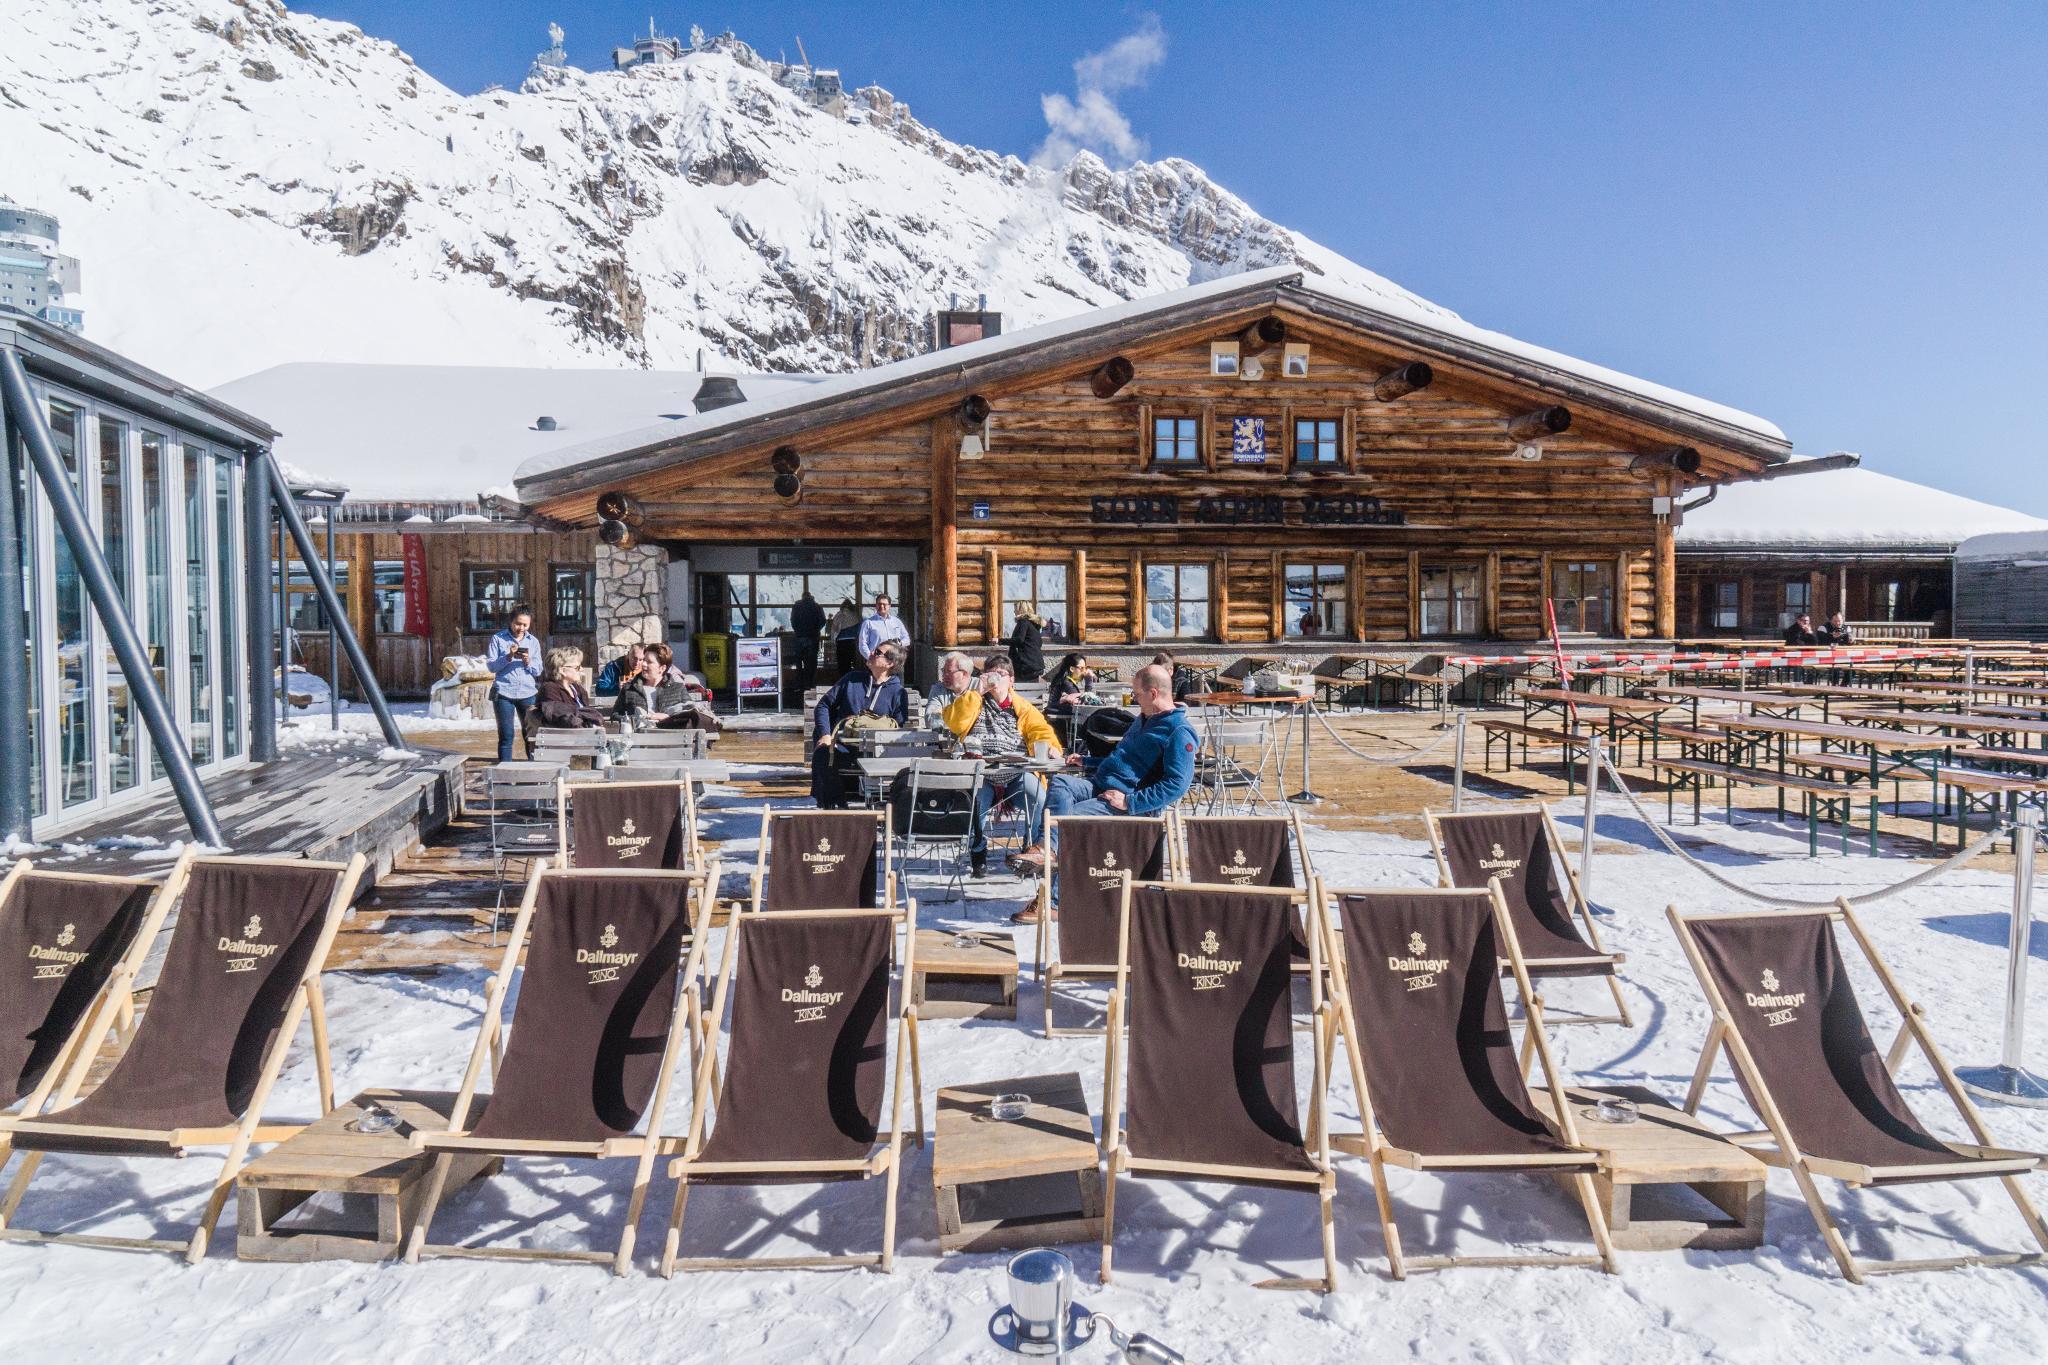 【德國】阿爾卑斯大道:楚格峰 (Zugspitze) 登上德國之巔 36